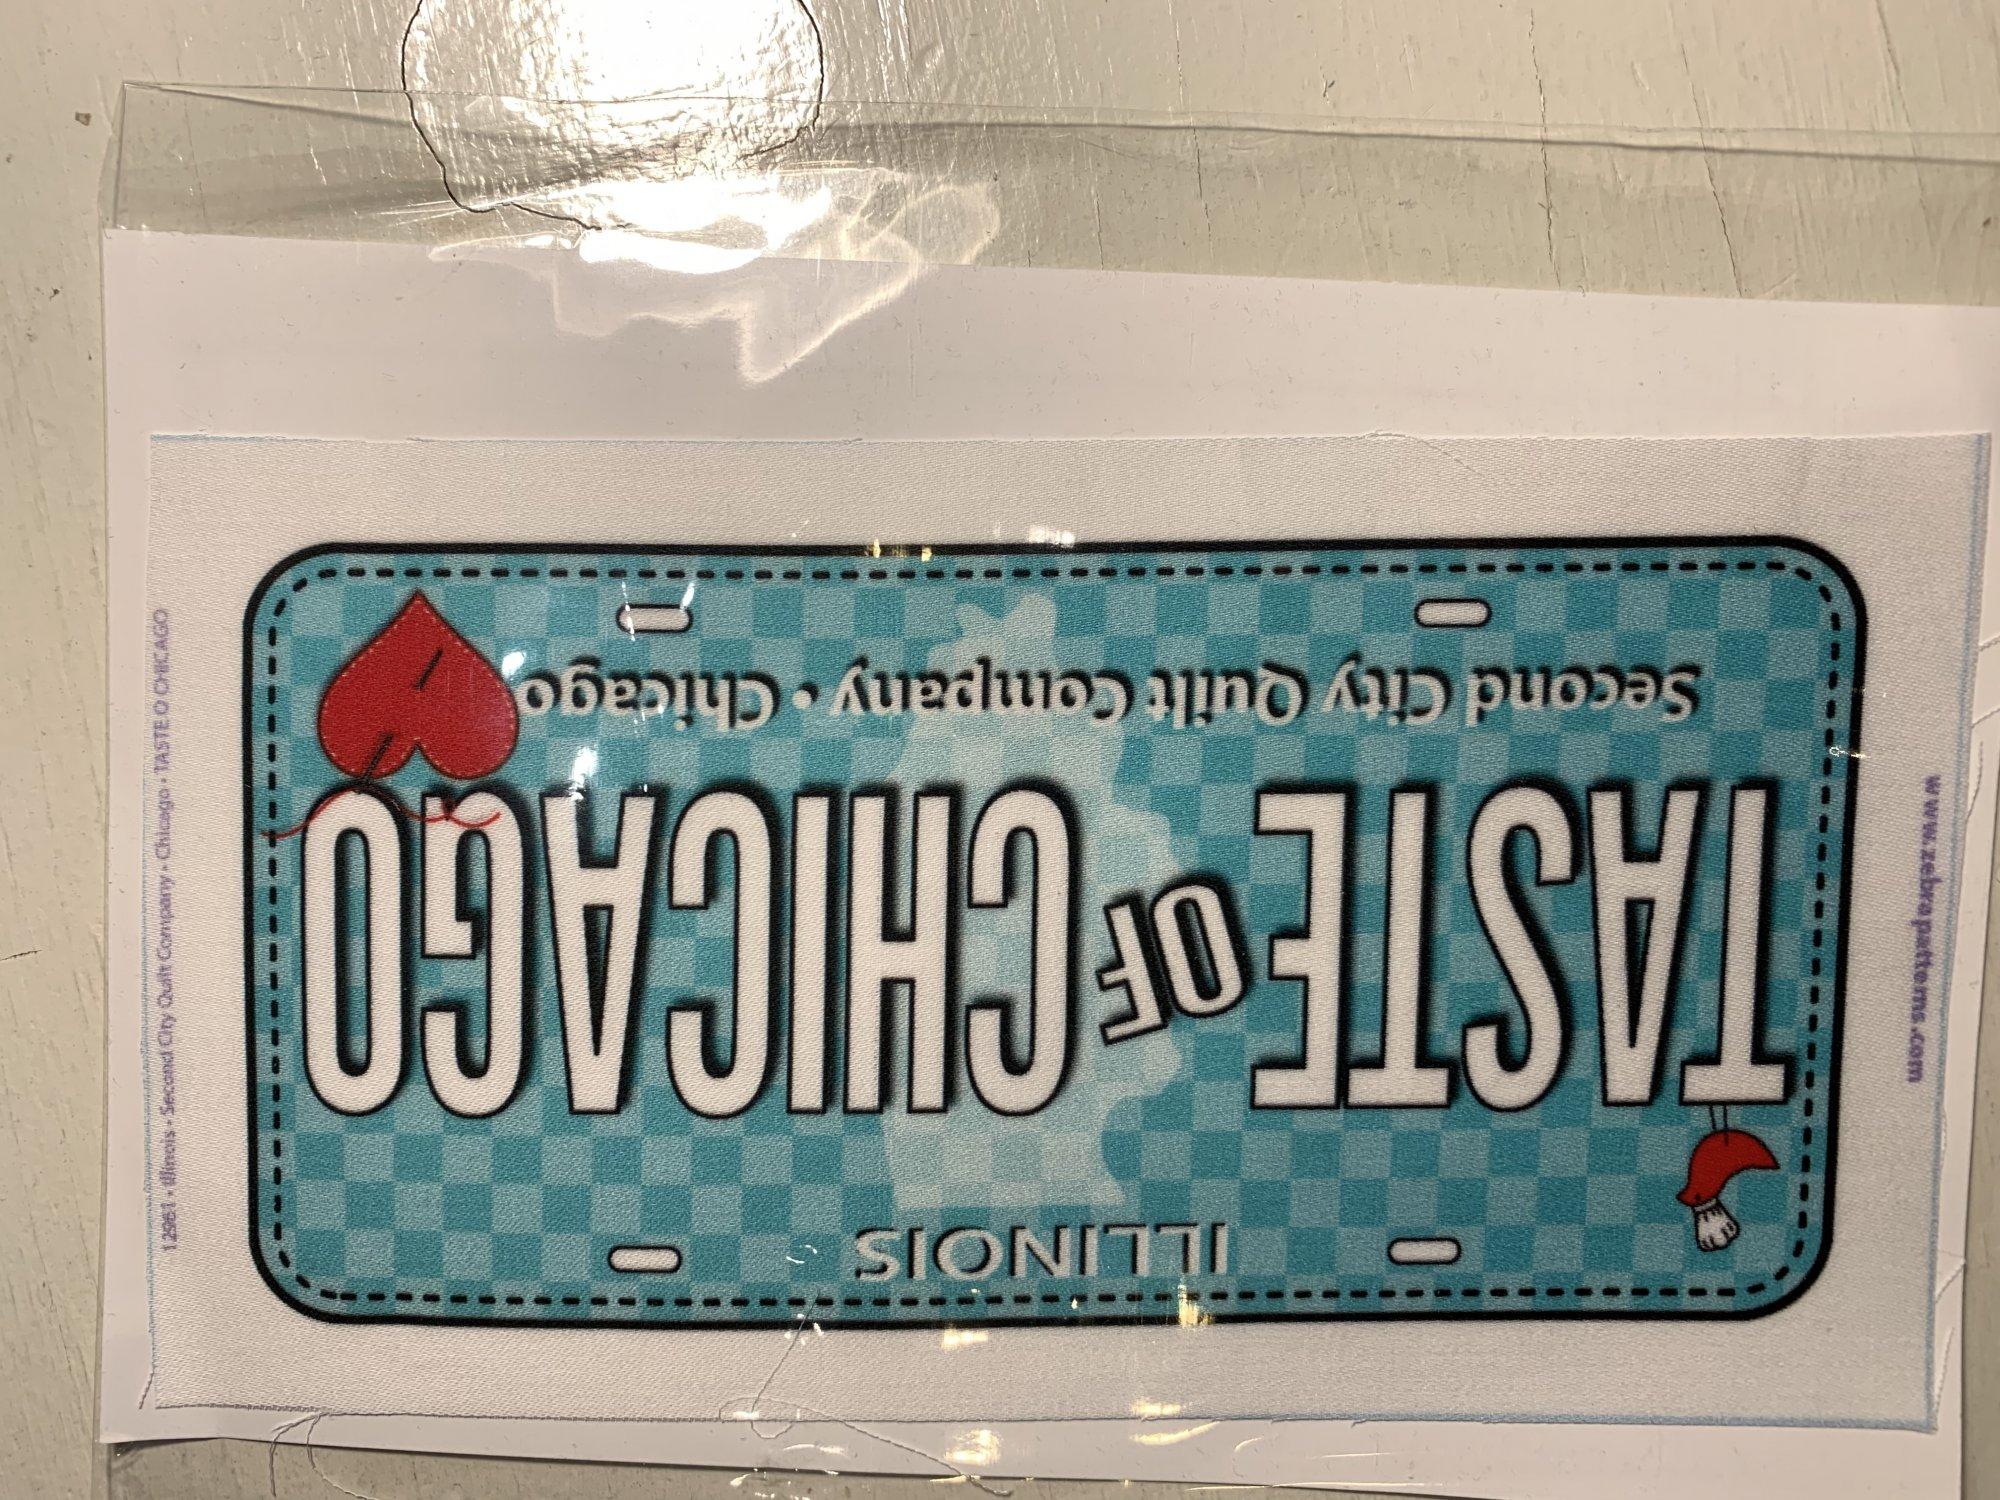 Taste of Chicago License Plate 2019